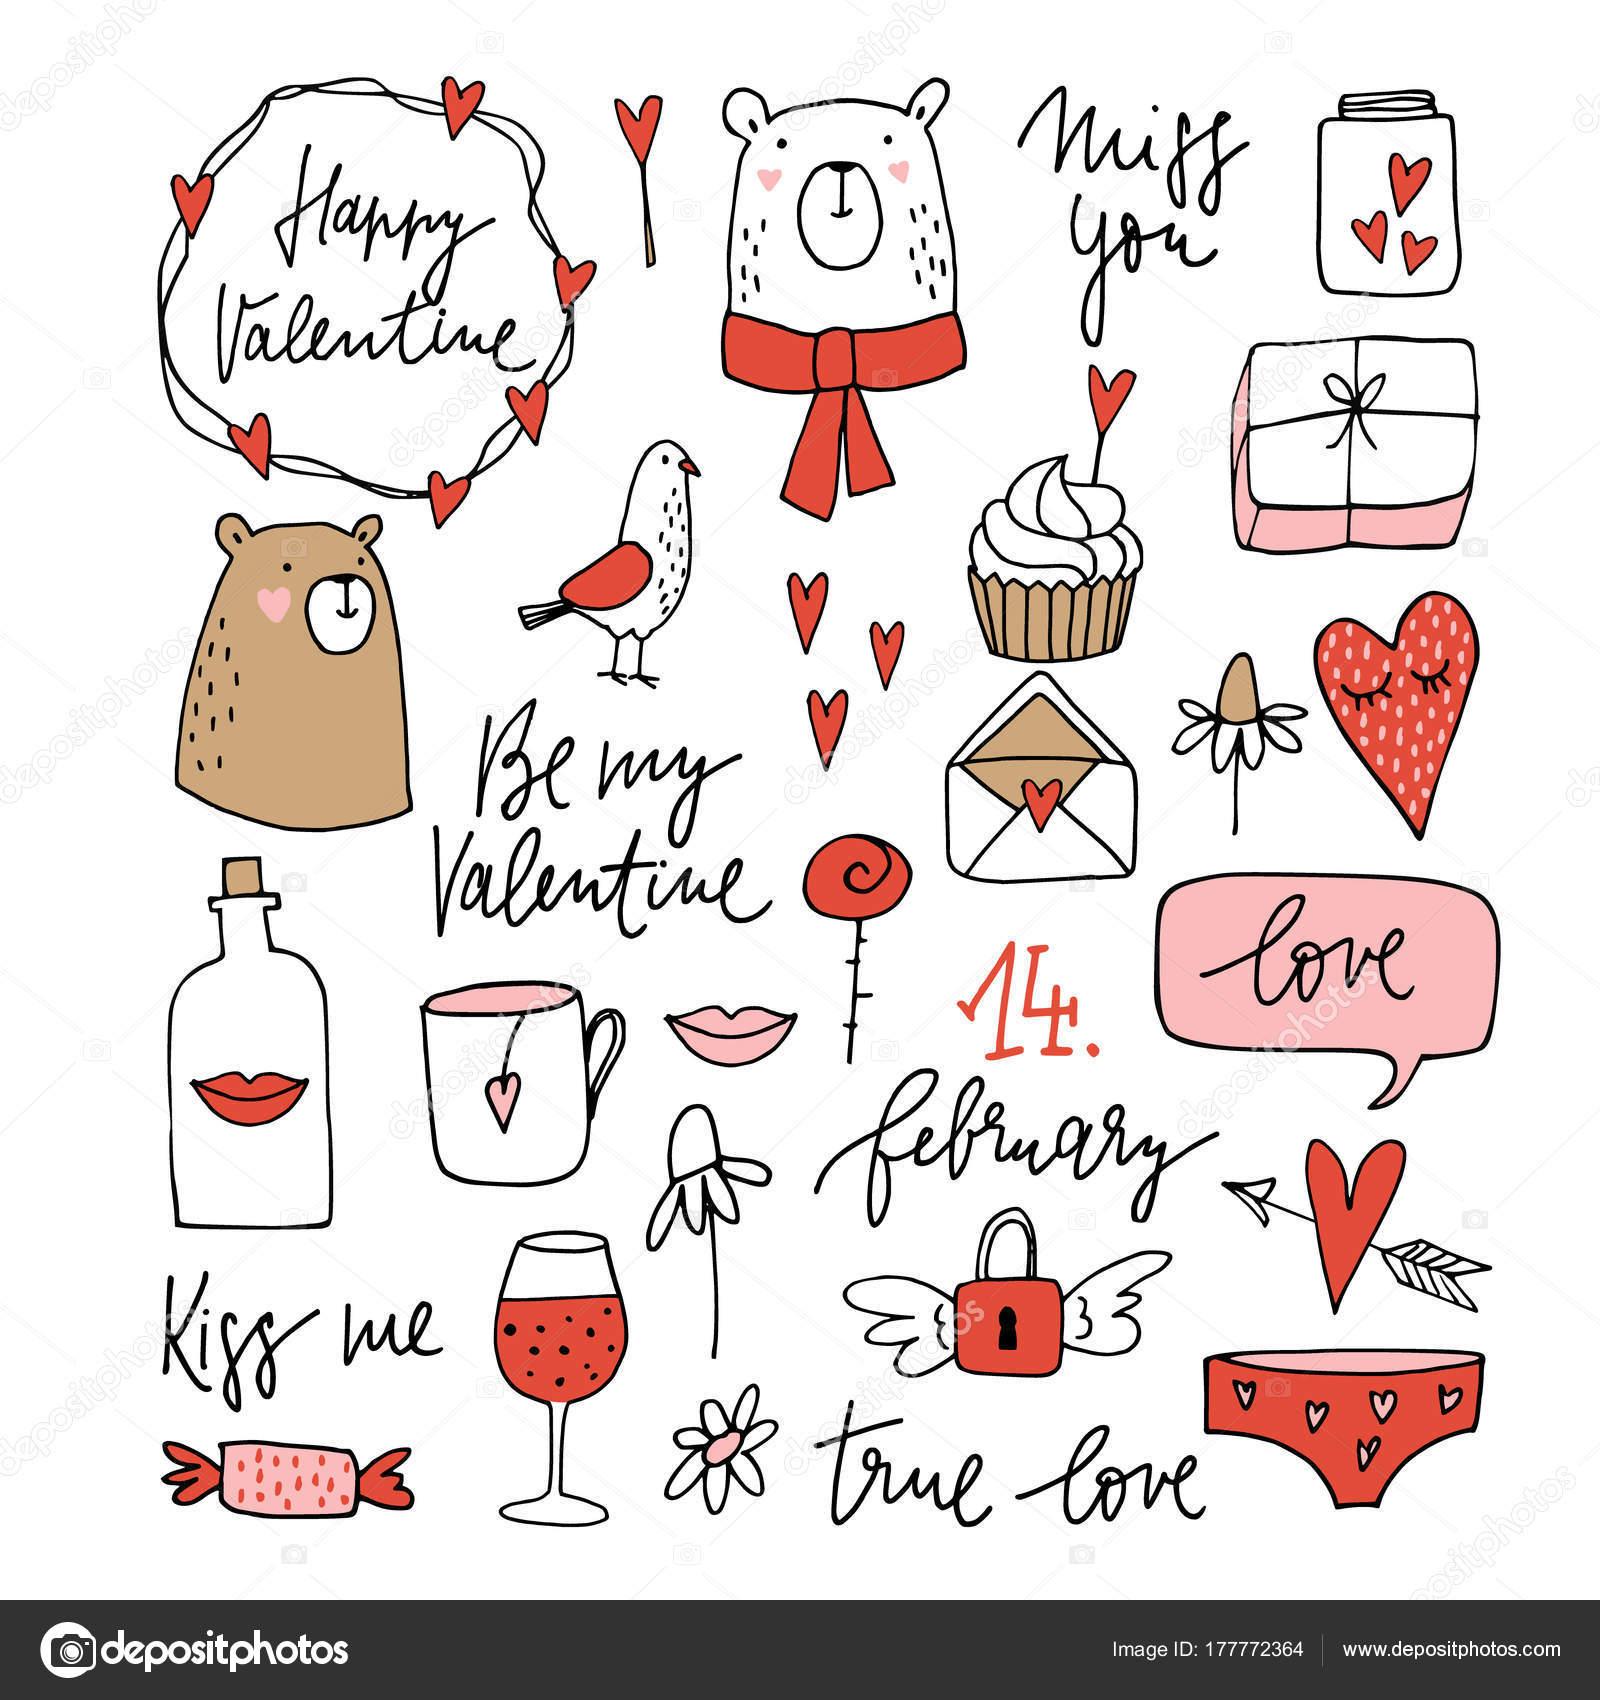 バレンタイン落書き、スケッチのかわいいセットします。クマのクリップ